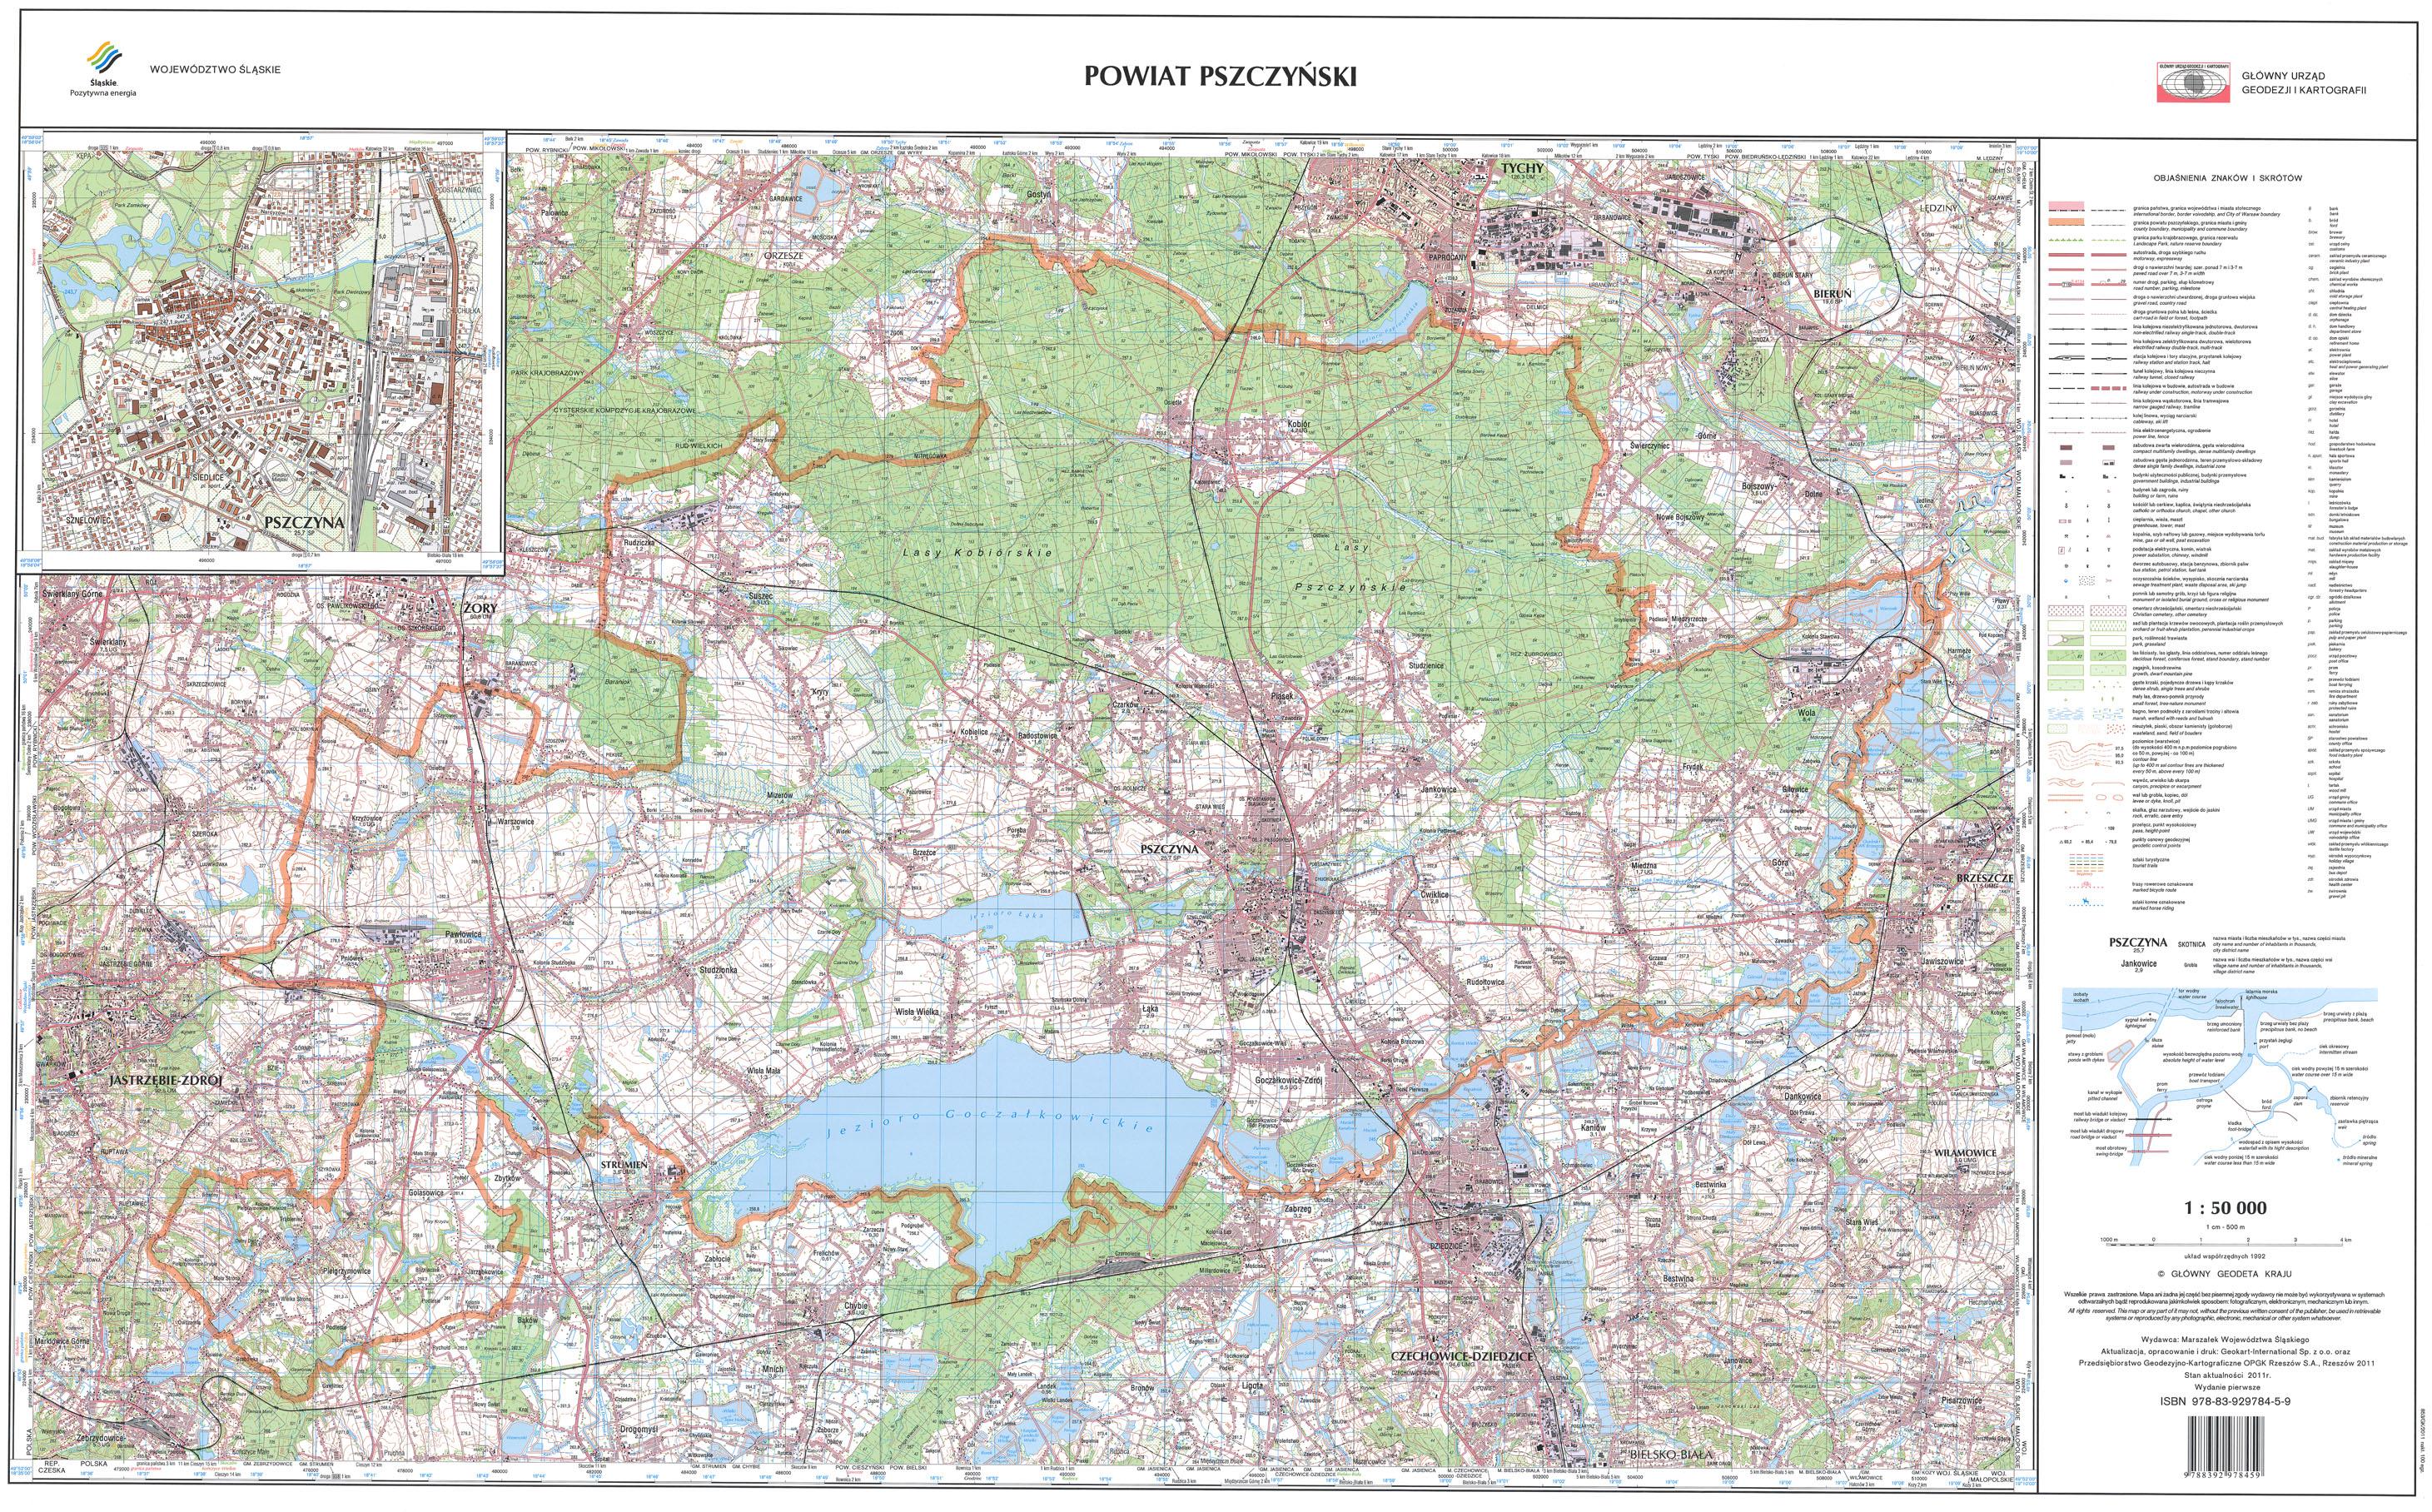 Wodgik Katowice Mapa Topograficzna Powiatow Wojewodztwa